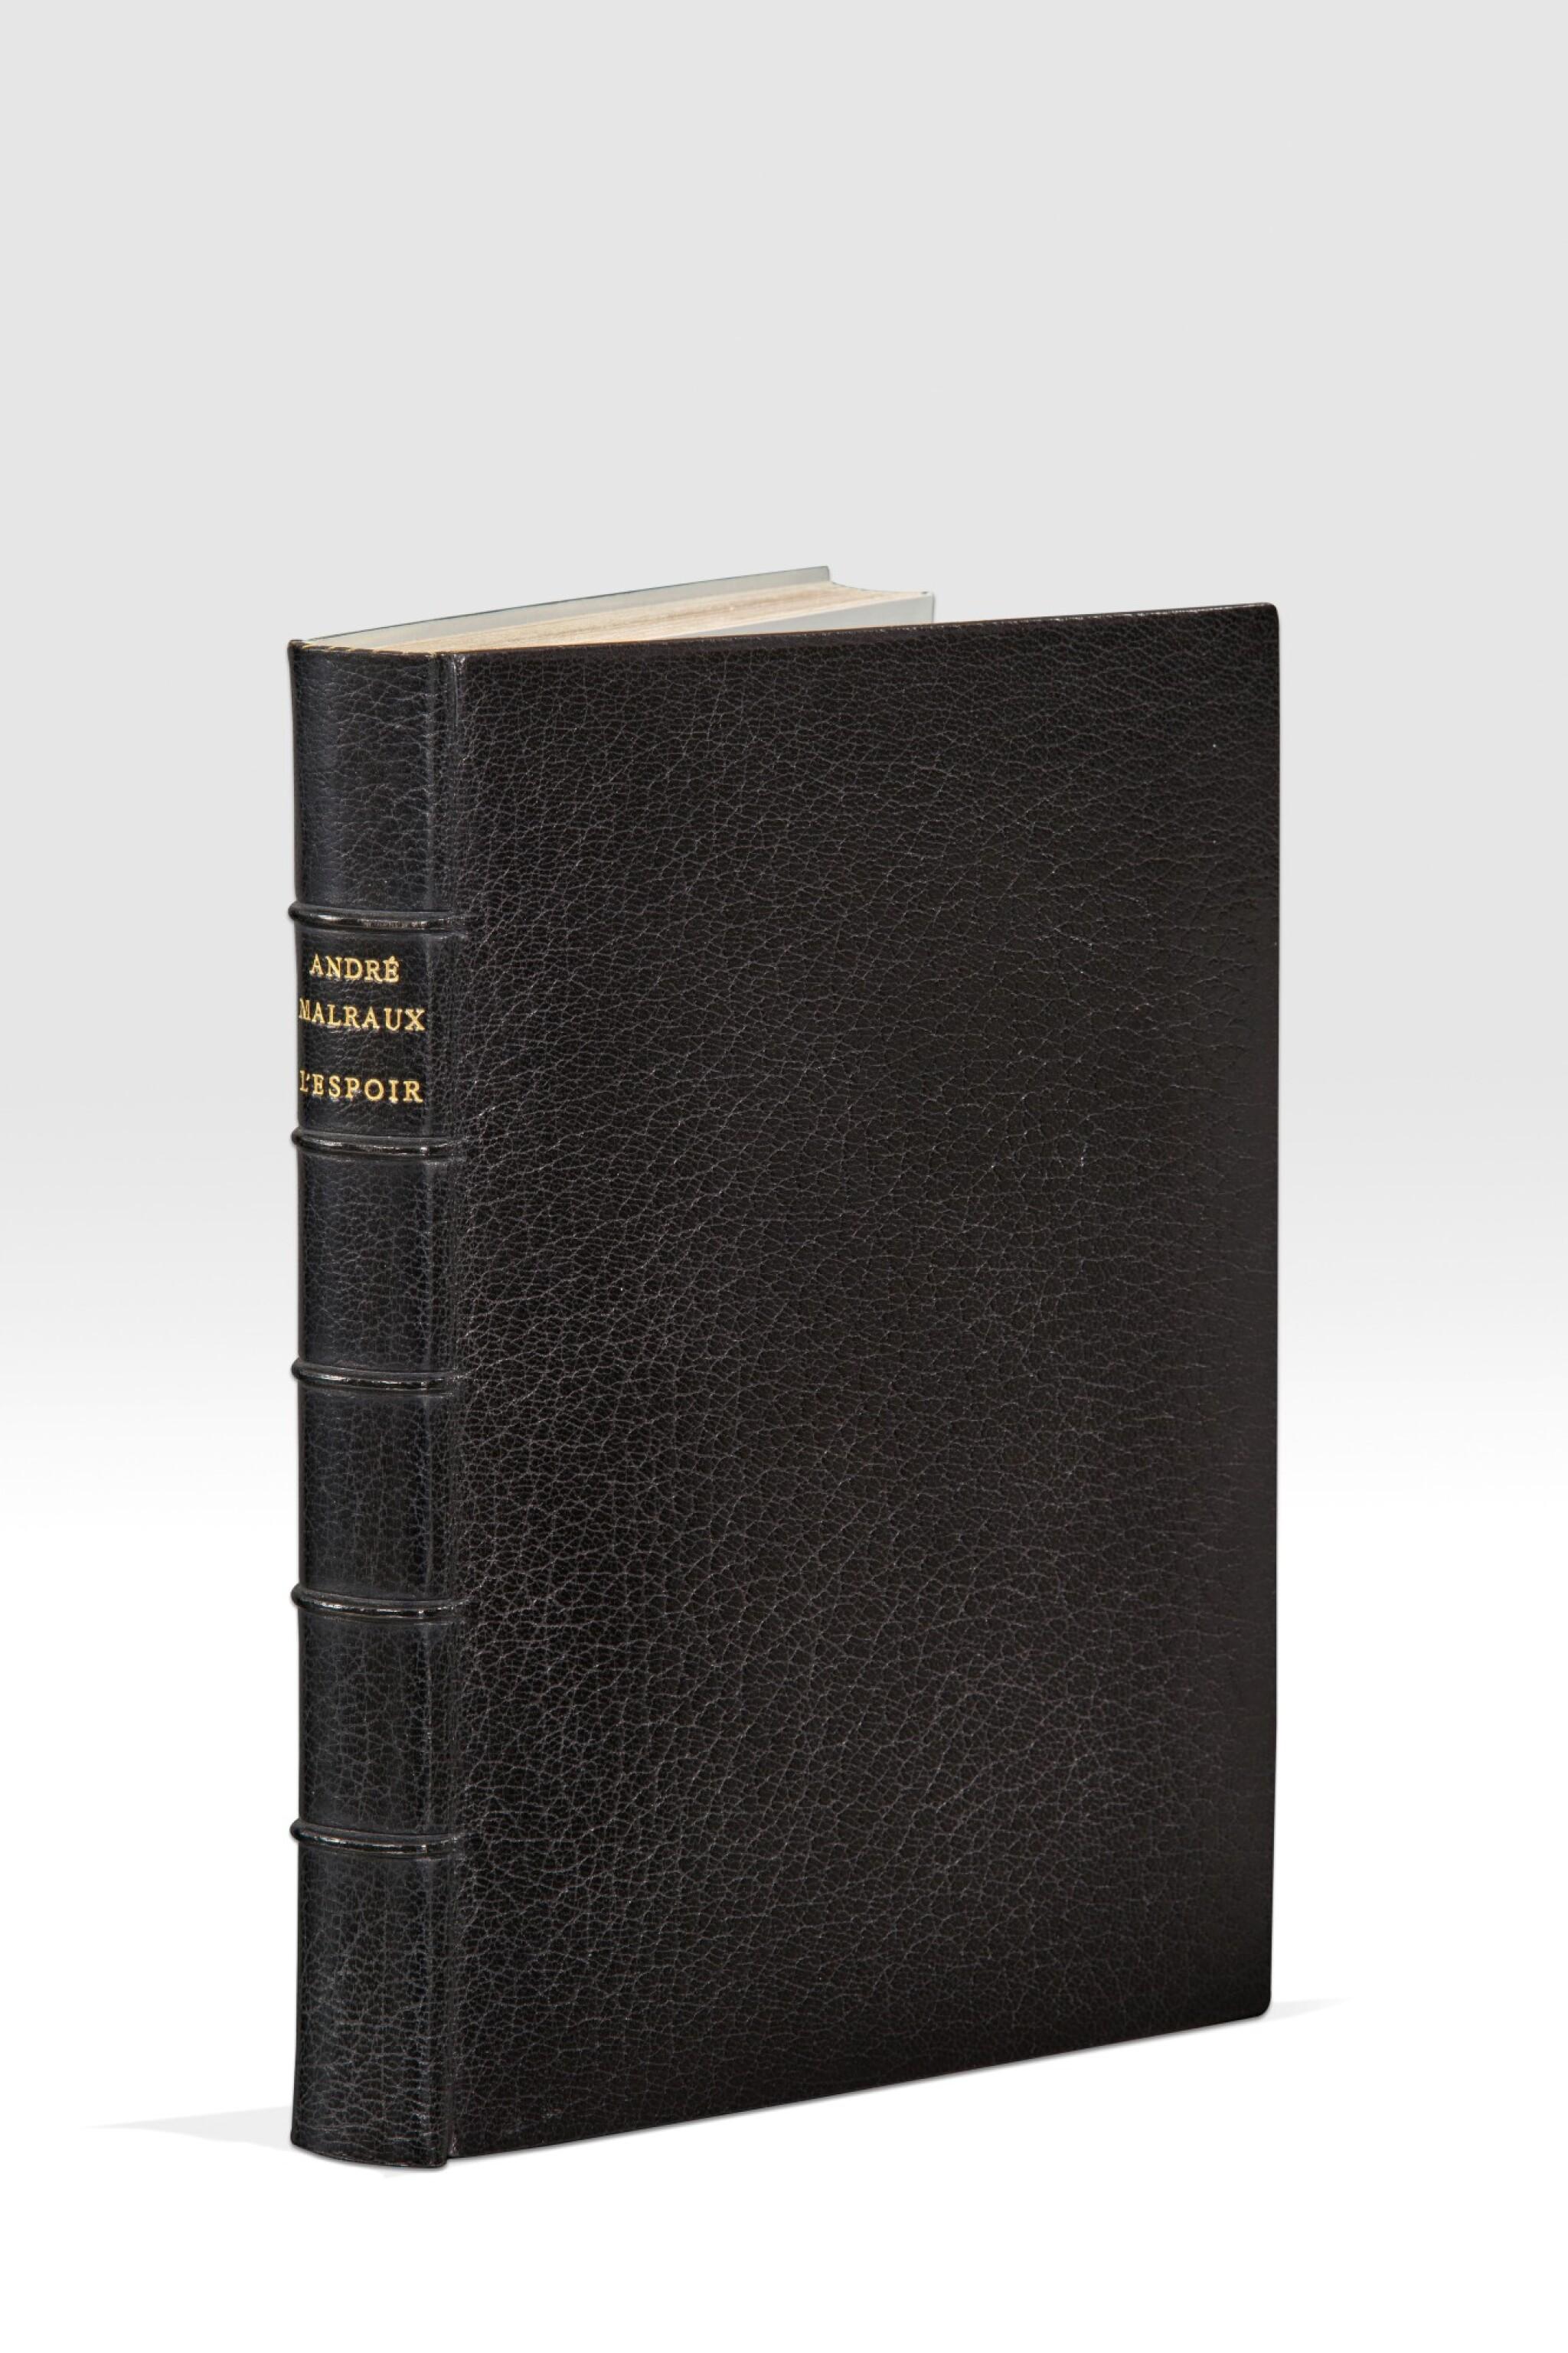 View 1 of Lot 242. MALRAUX. L'Espoir. 1937. Éd.or 1/6 premiers exemplaires sur Chine. Parfaitement relié par Pierre-Lucien Martin..